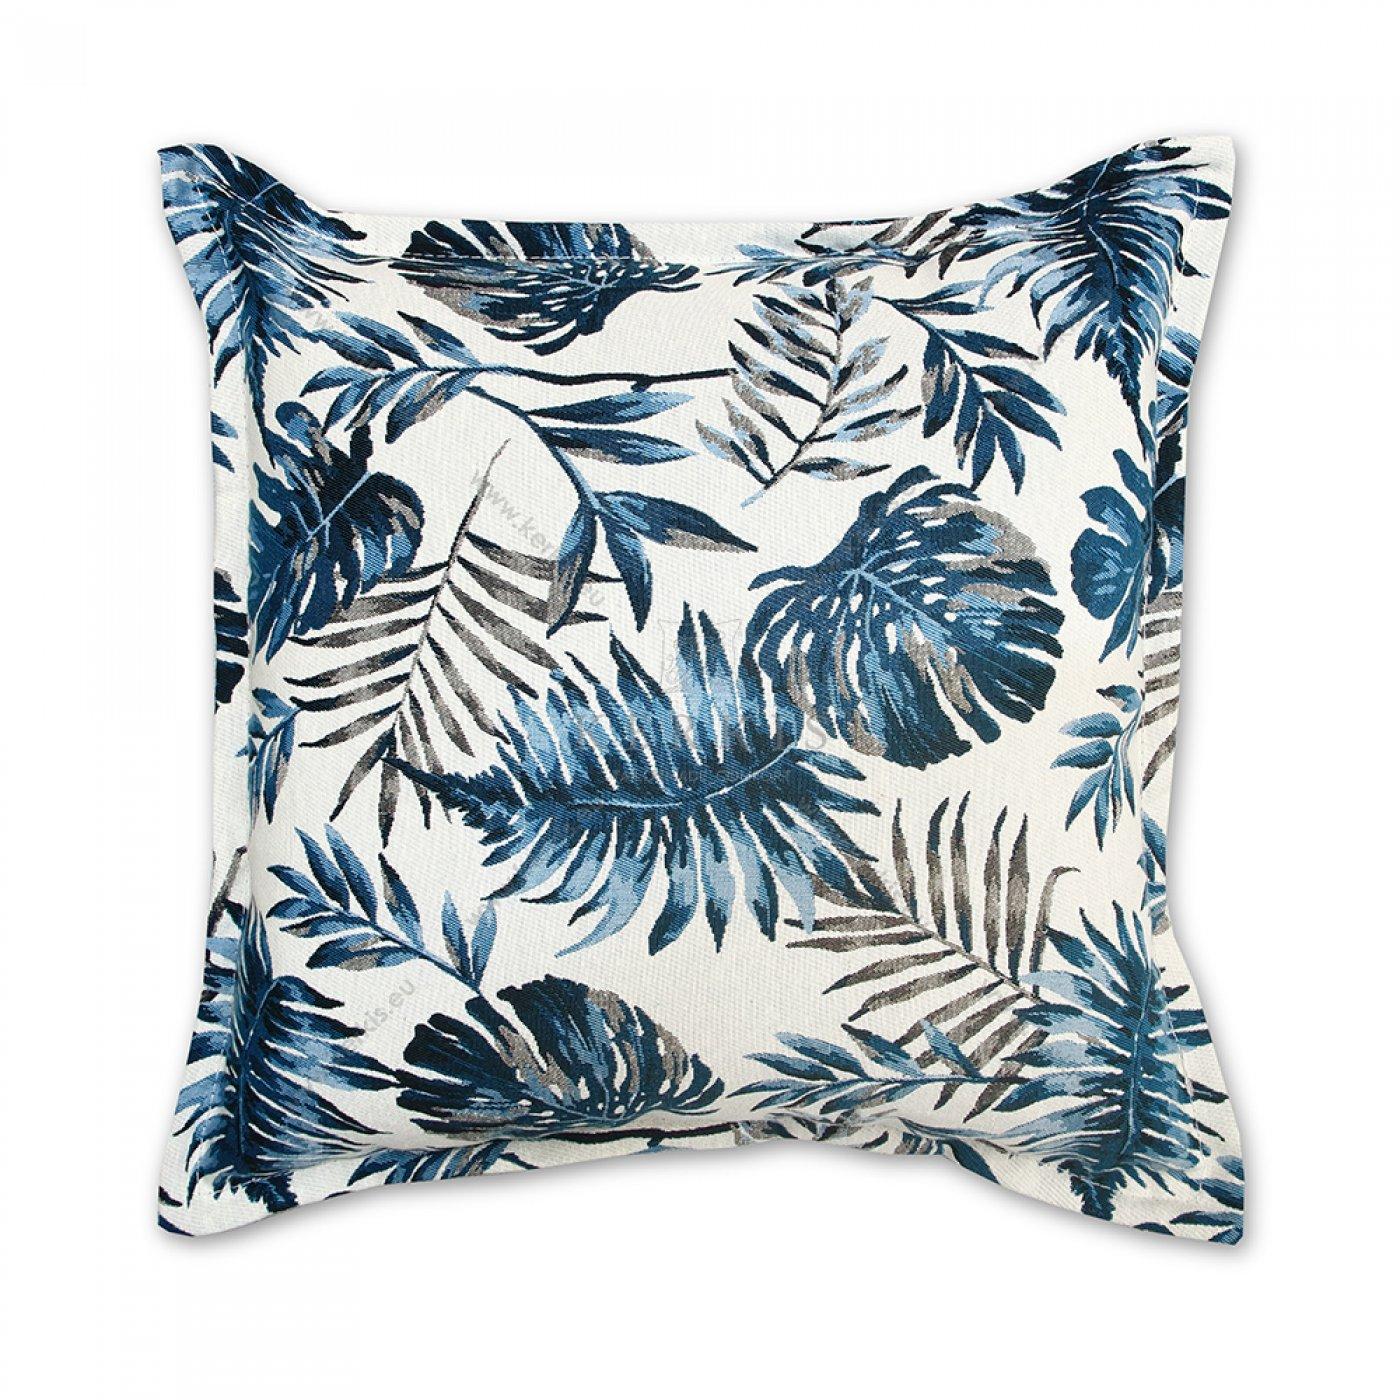 Διακοσμητικό μαξιλάρι καναπέ, χρώμα μπλε, φλοράλ